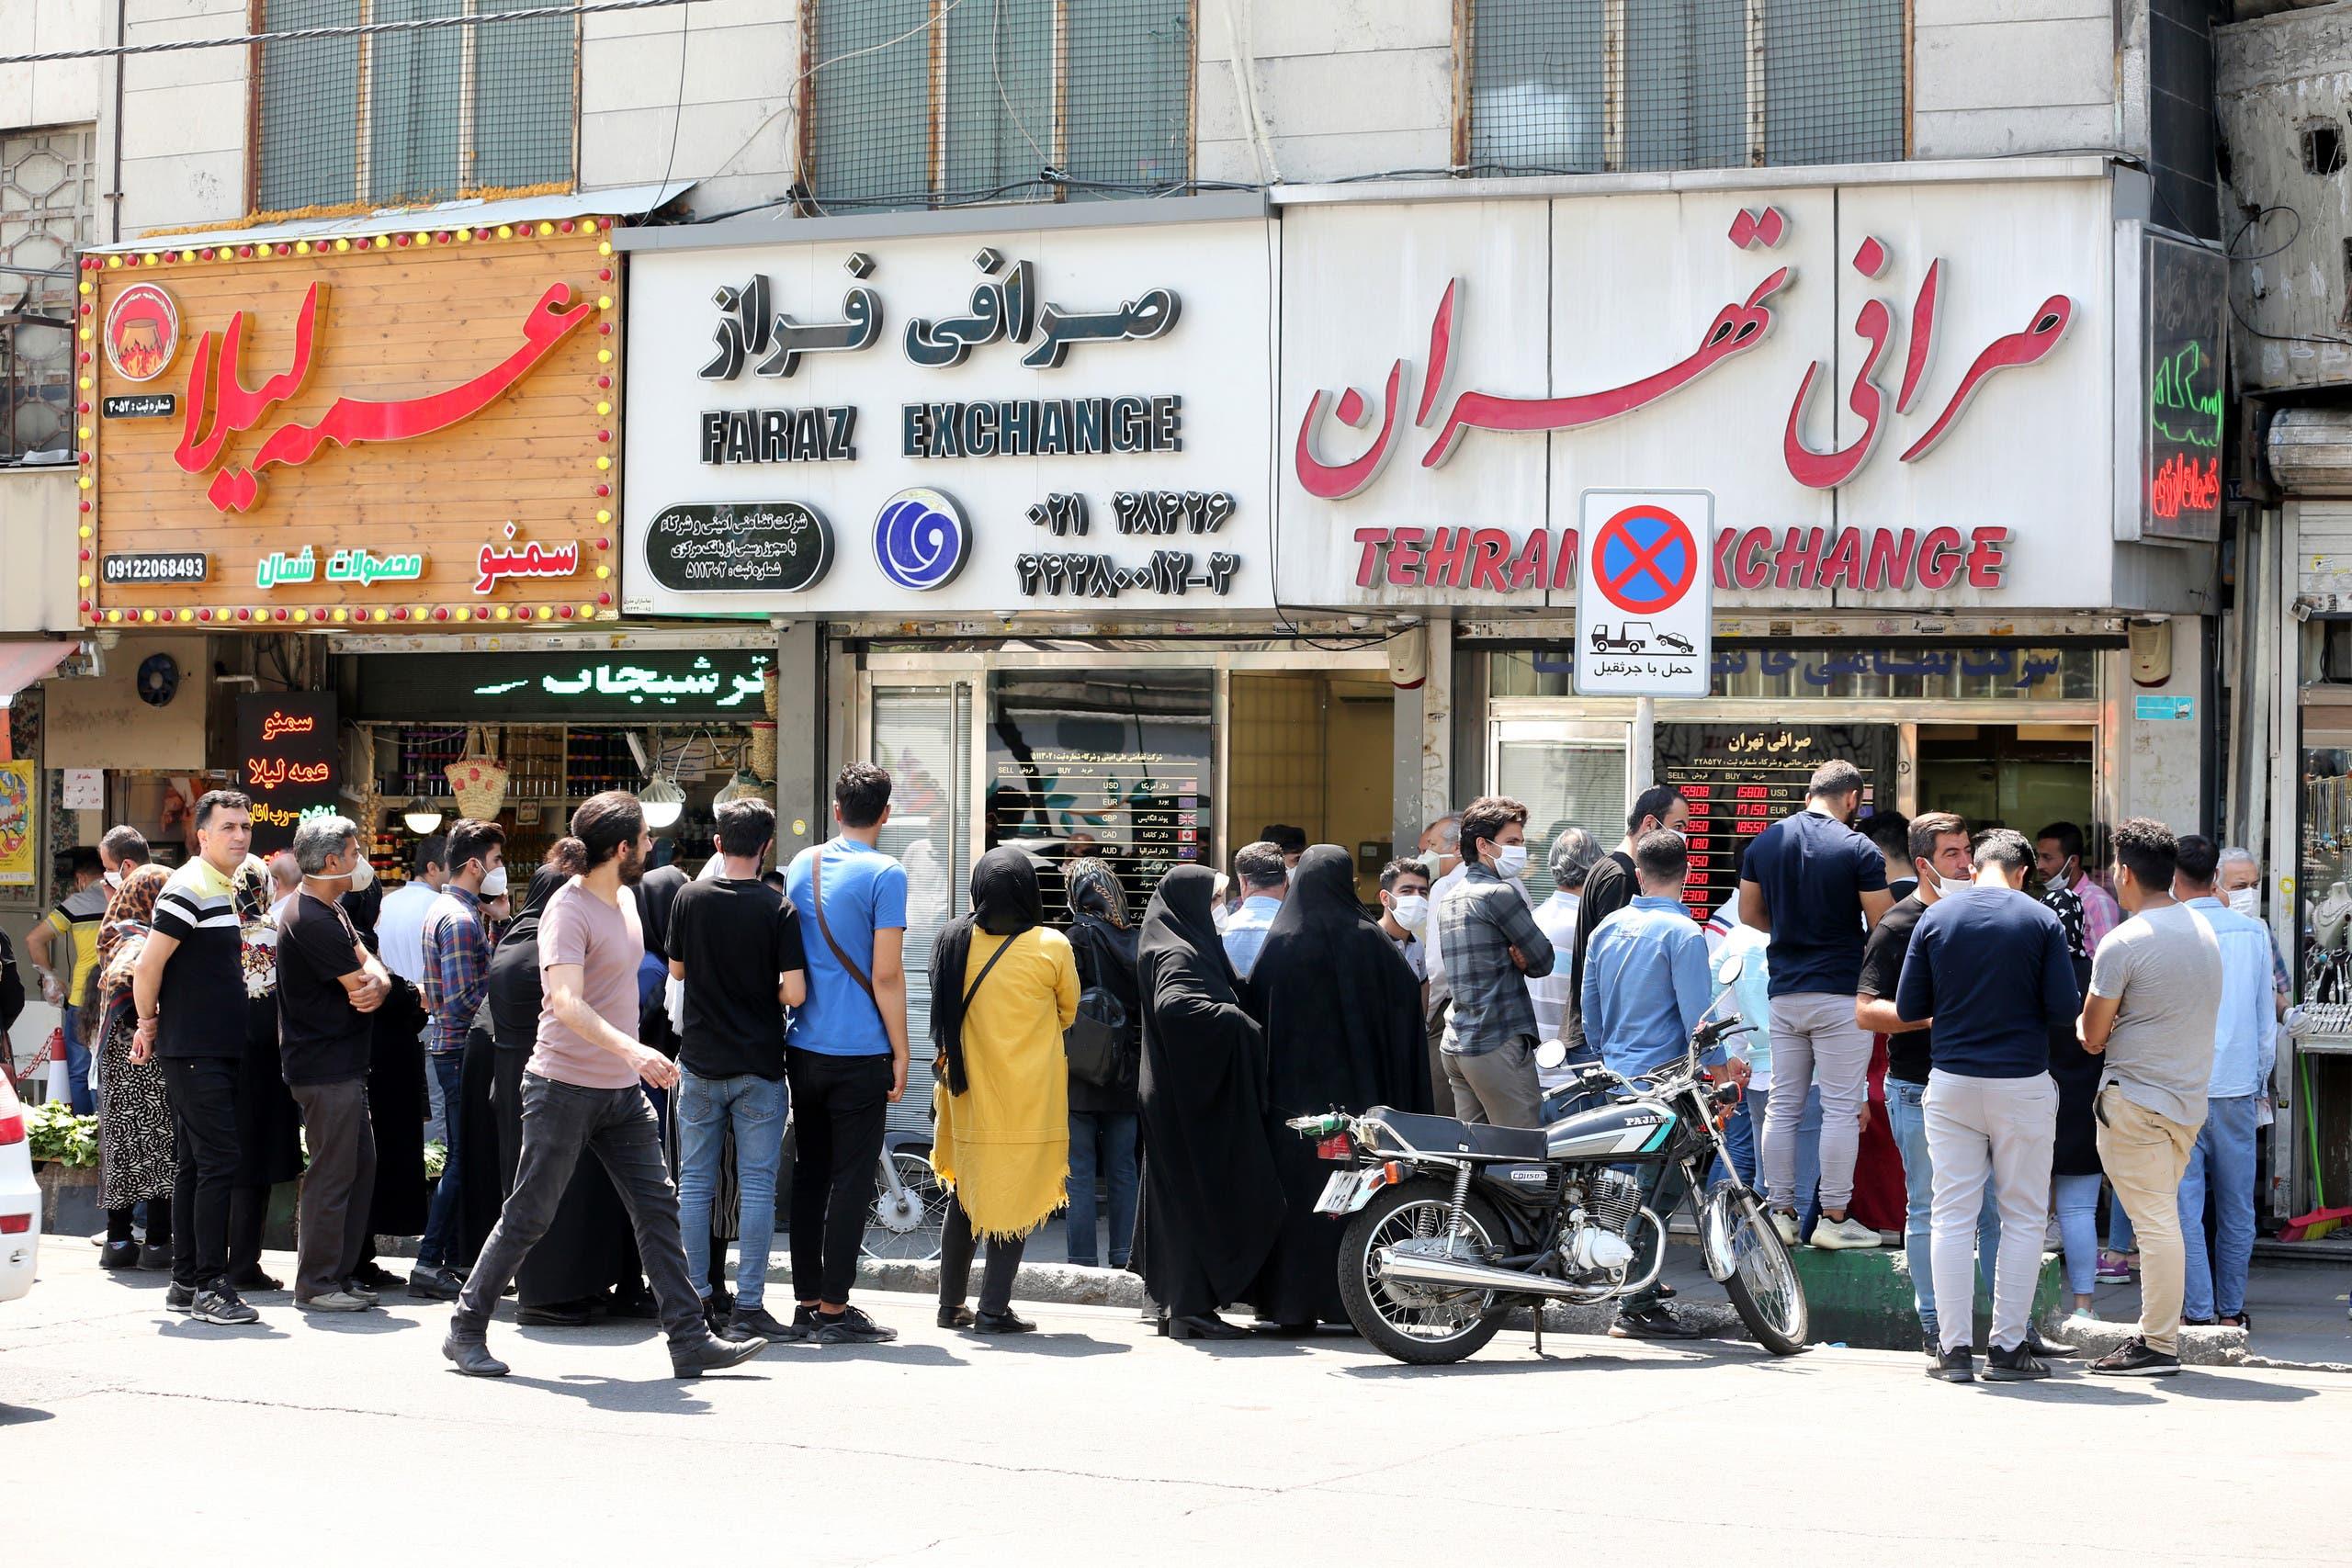 ازدحام على مكتب صرافة في طهران في مايو الماضي